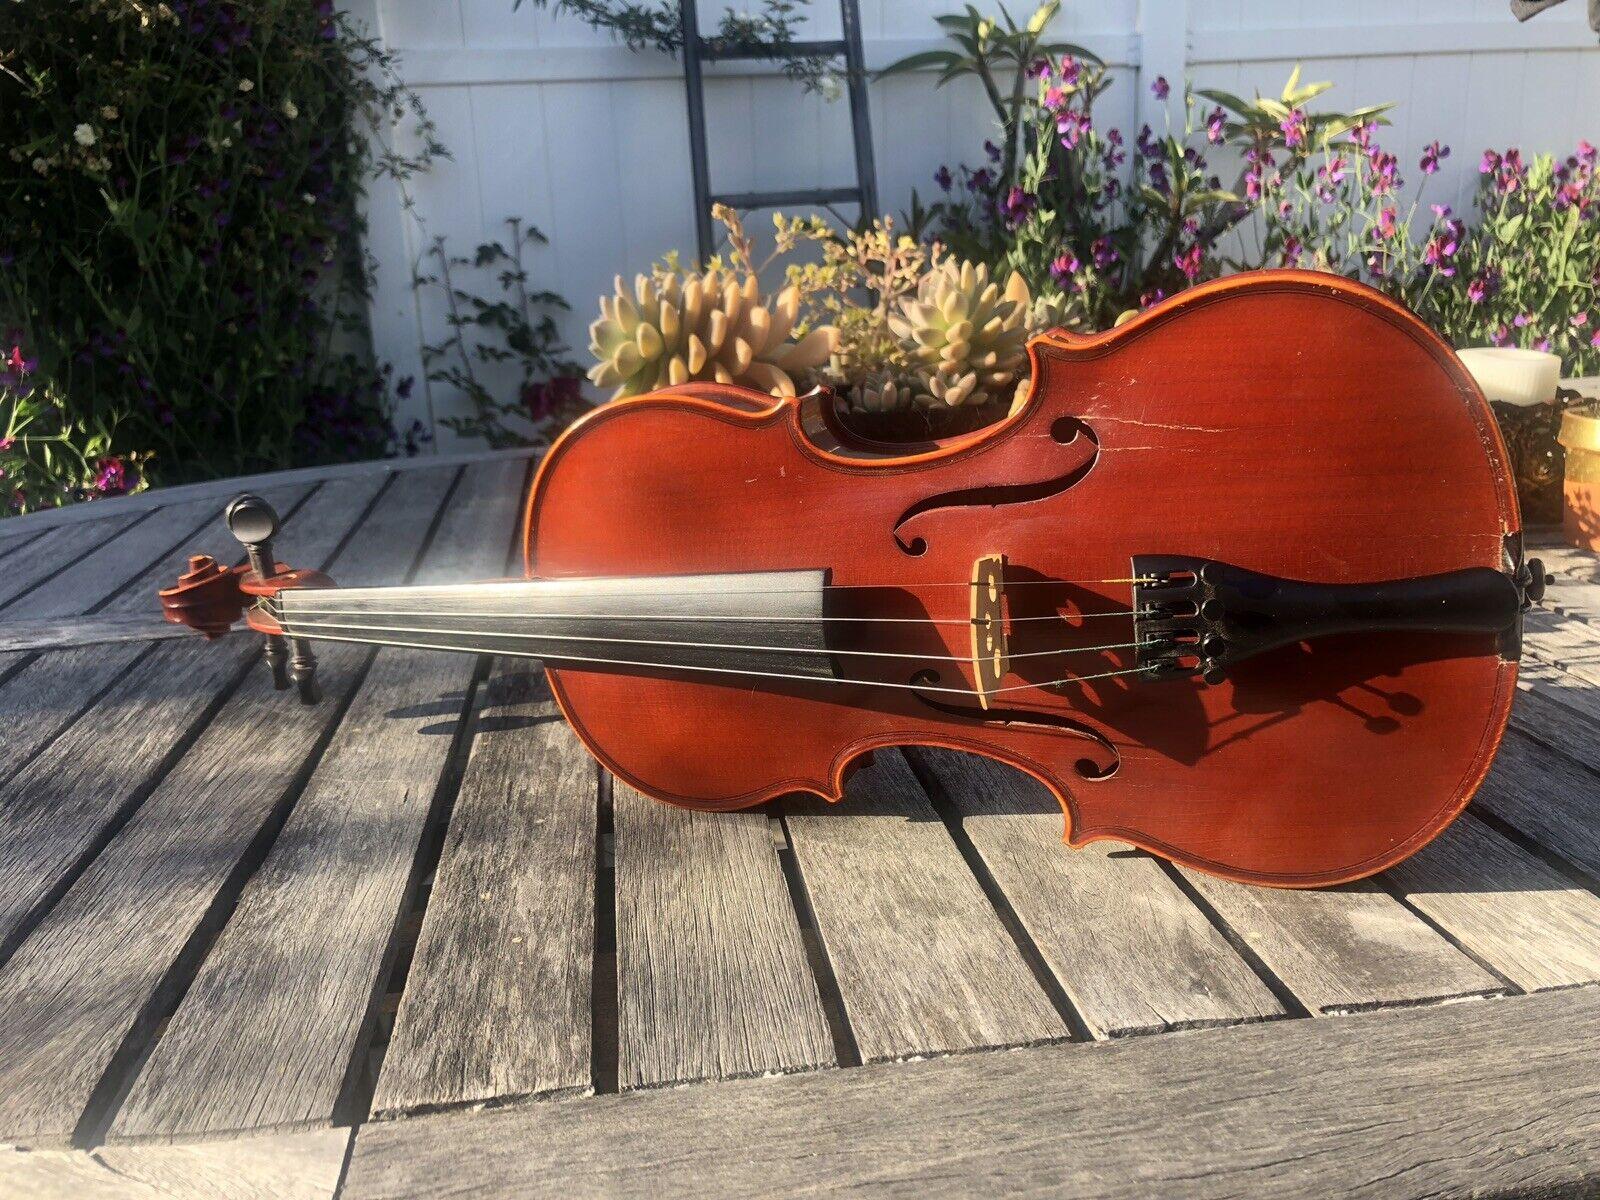 Vintage Violin Made In German Democratic Republic